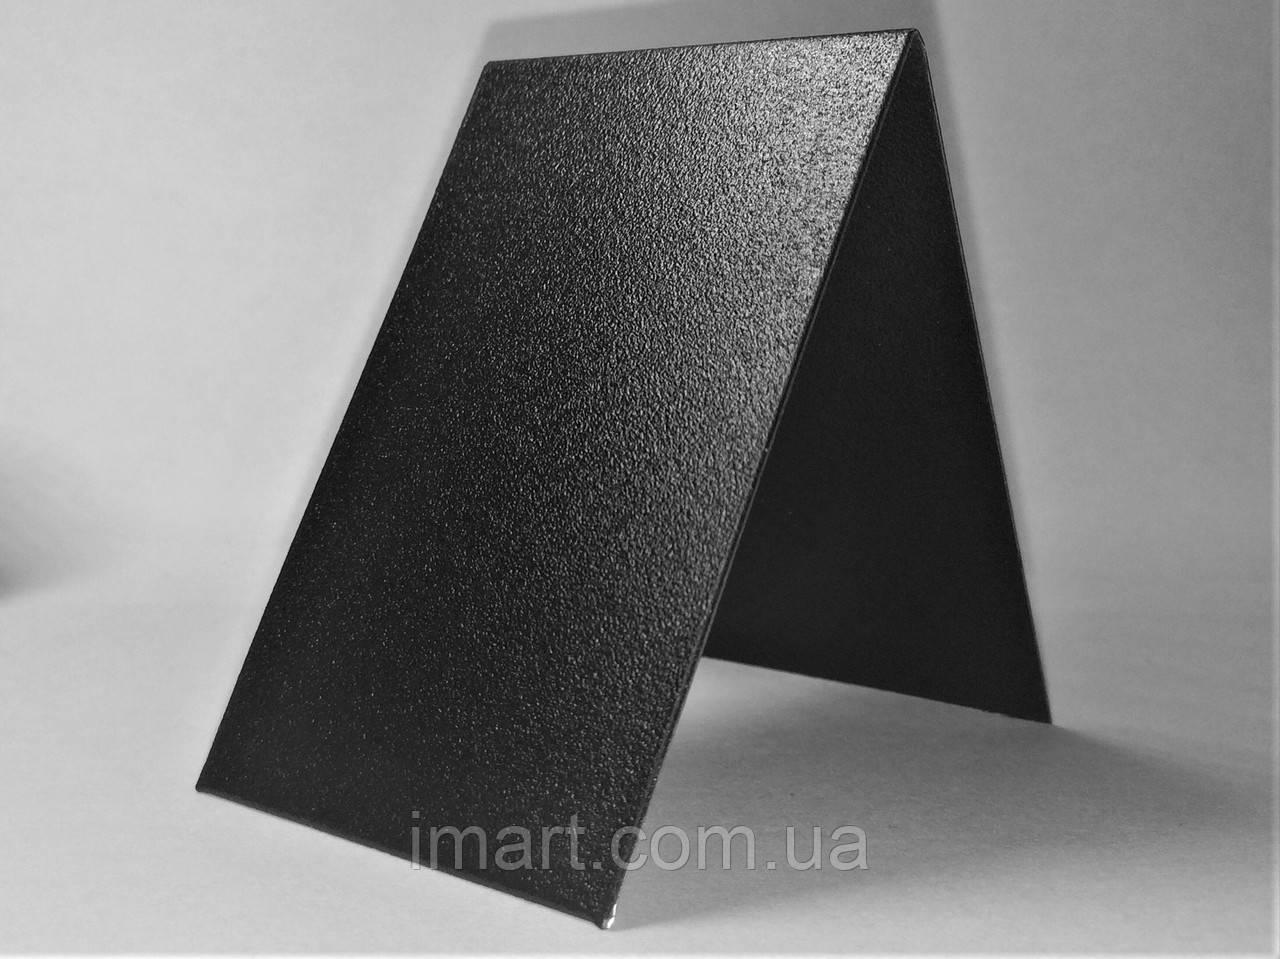 Меловой ценник 10х8 см V-образный двухсторонний вертикальный (для мела и маркера) грифельный